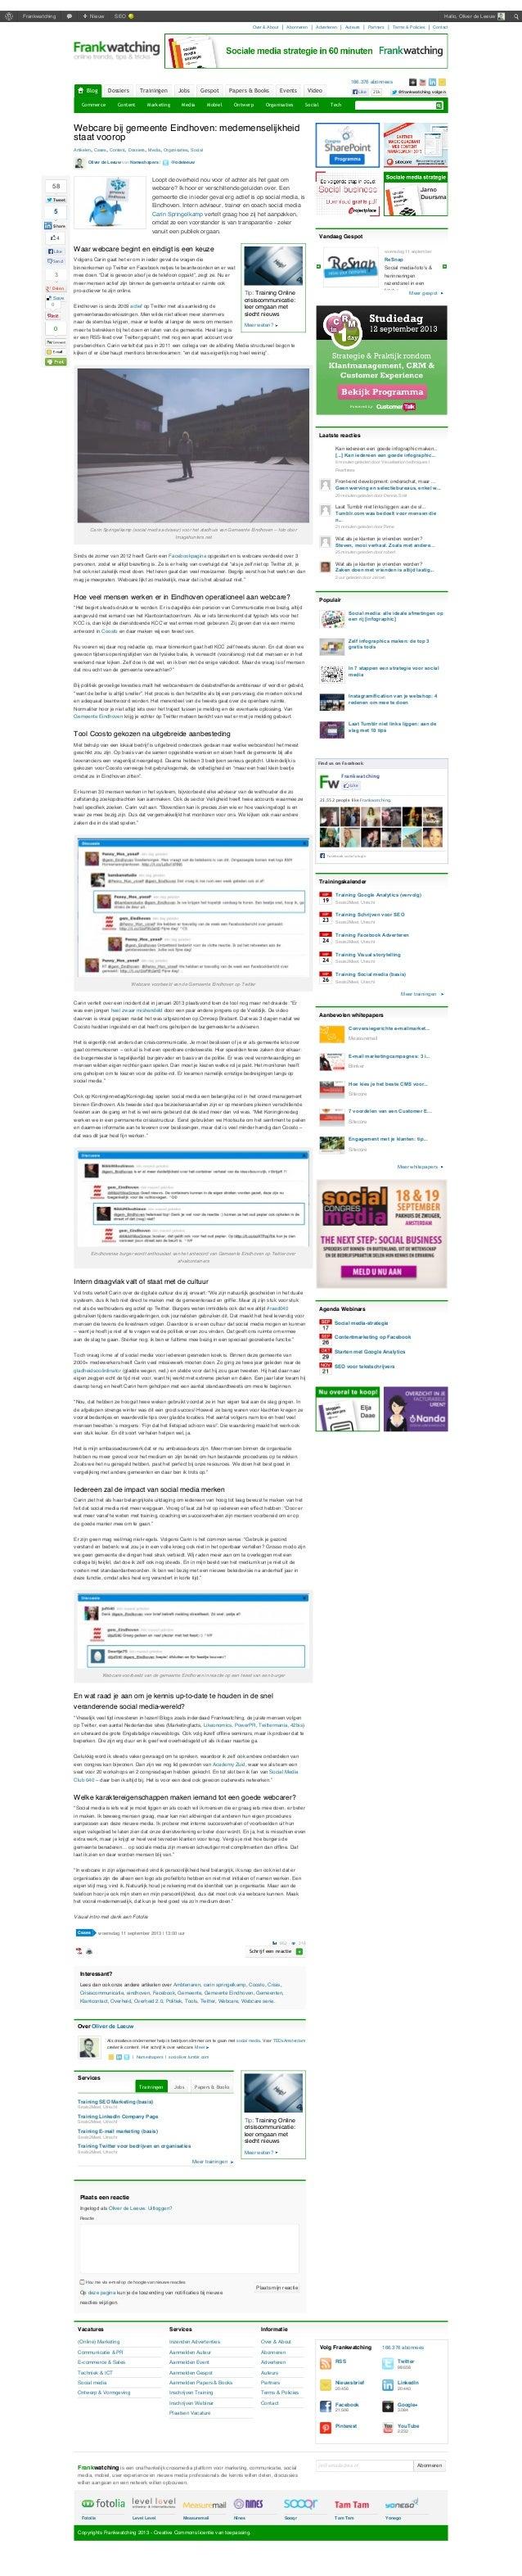 Webcare bij gemeente Eindhoven: medemenselijkheid staat voorop (artikel op Frankwatching)